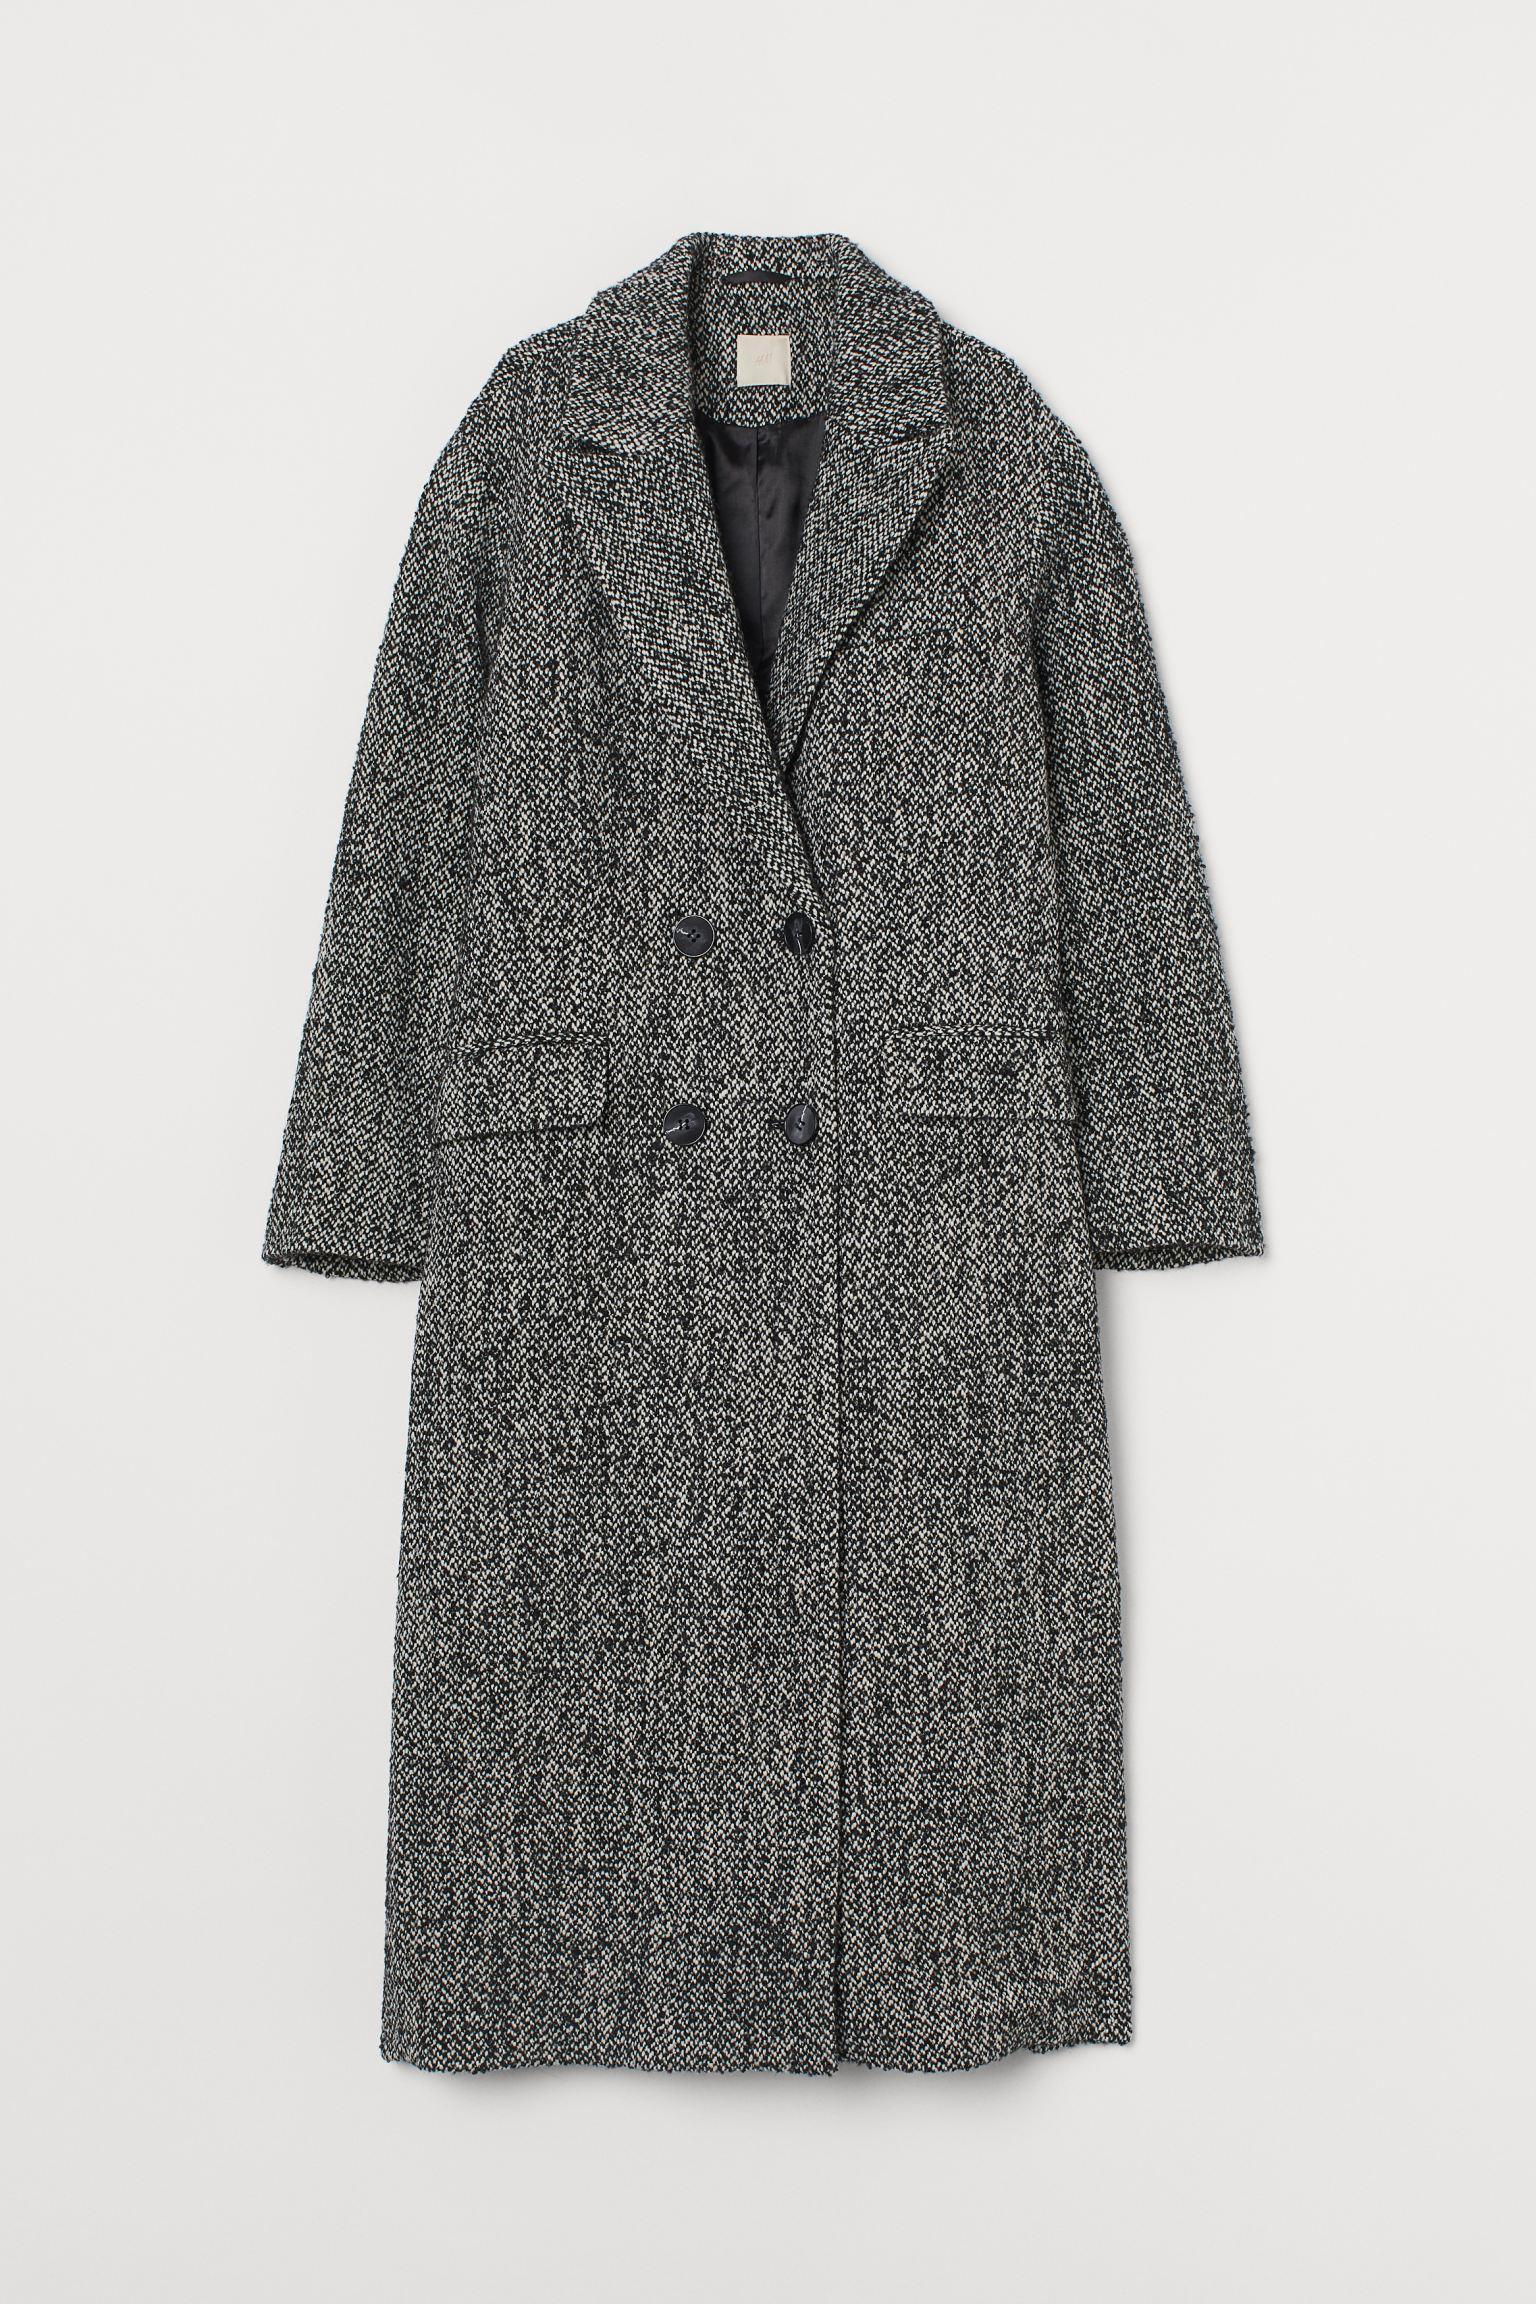 Abrigo de lana H&M